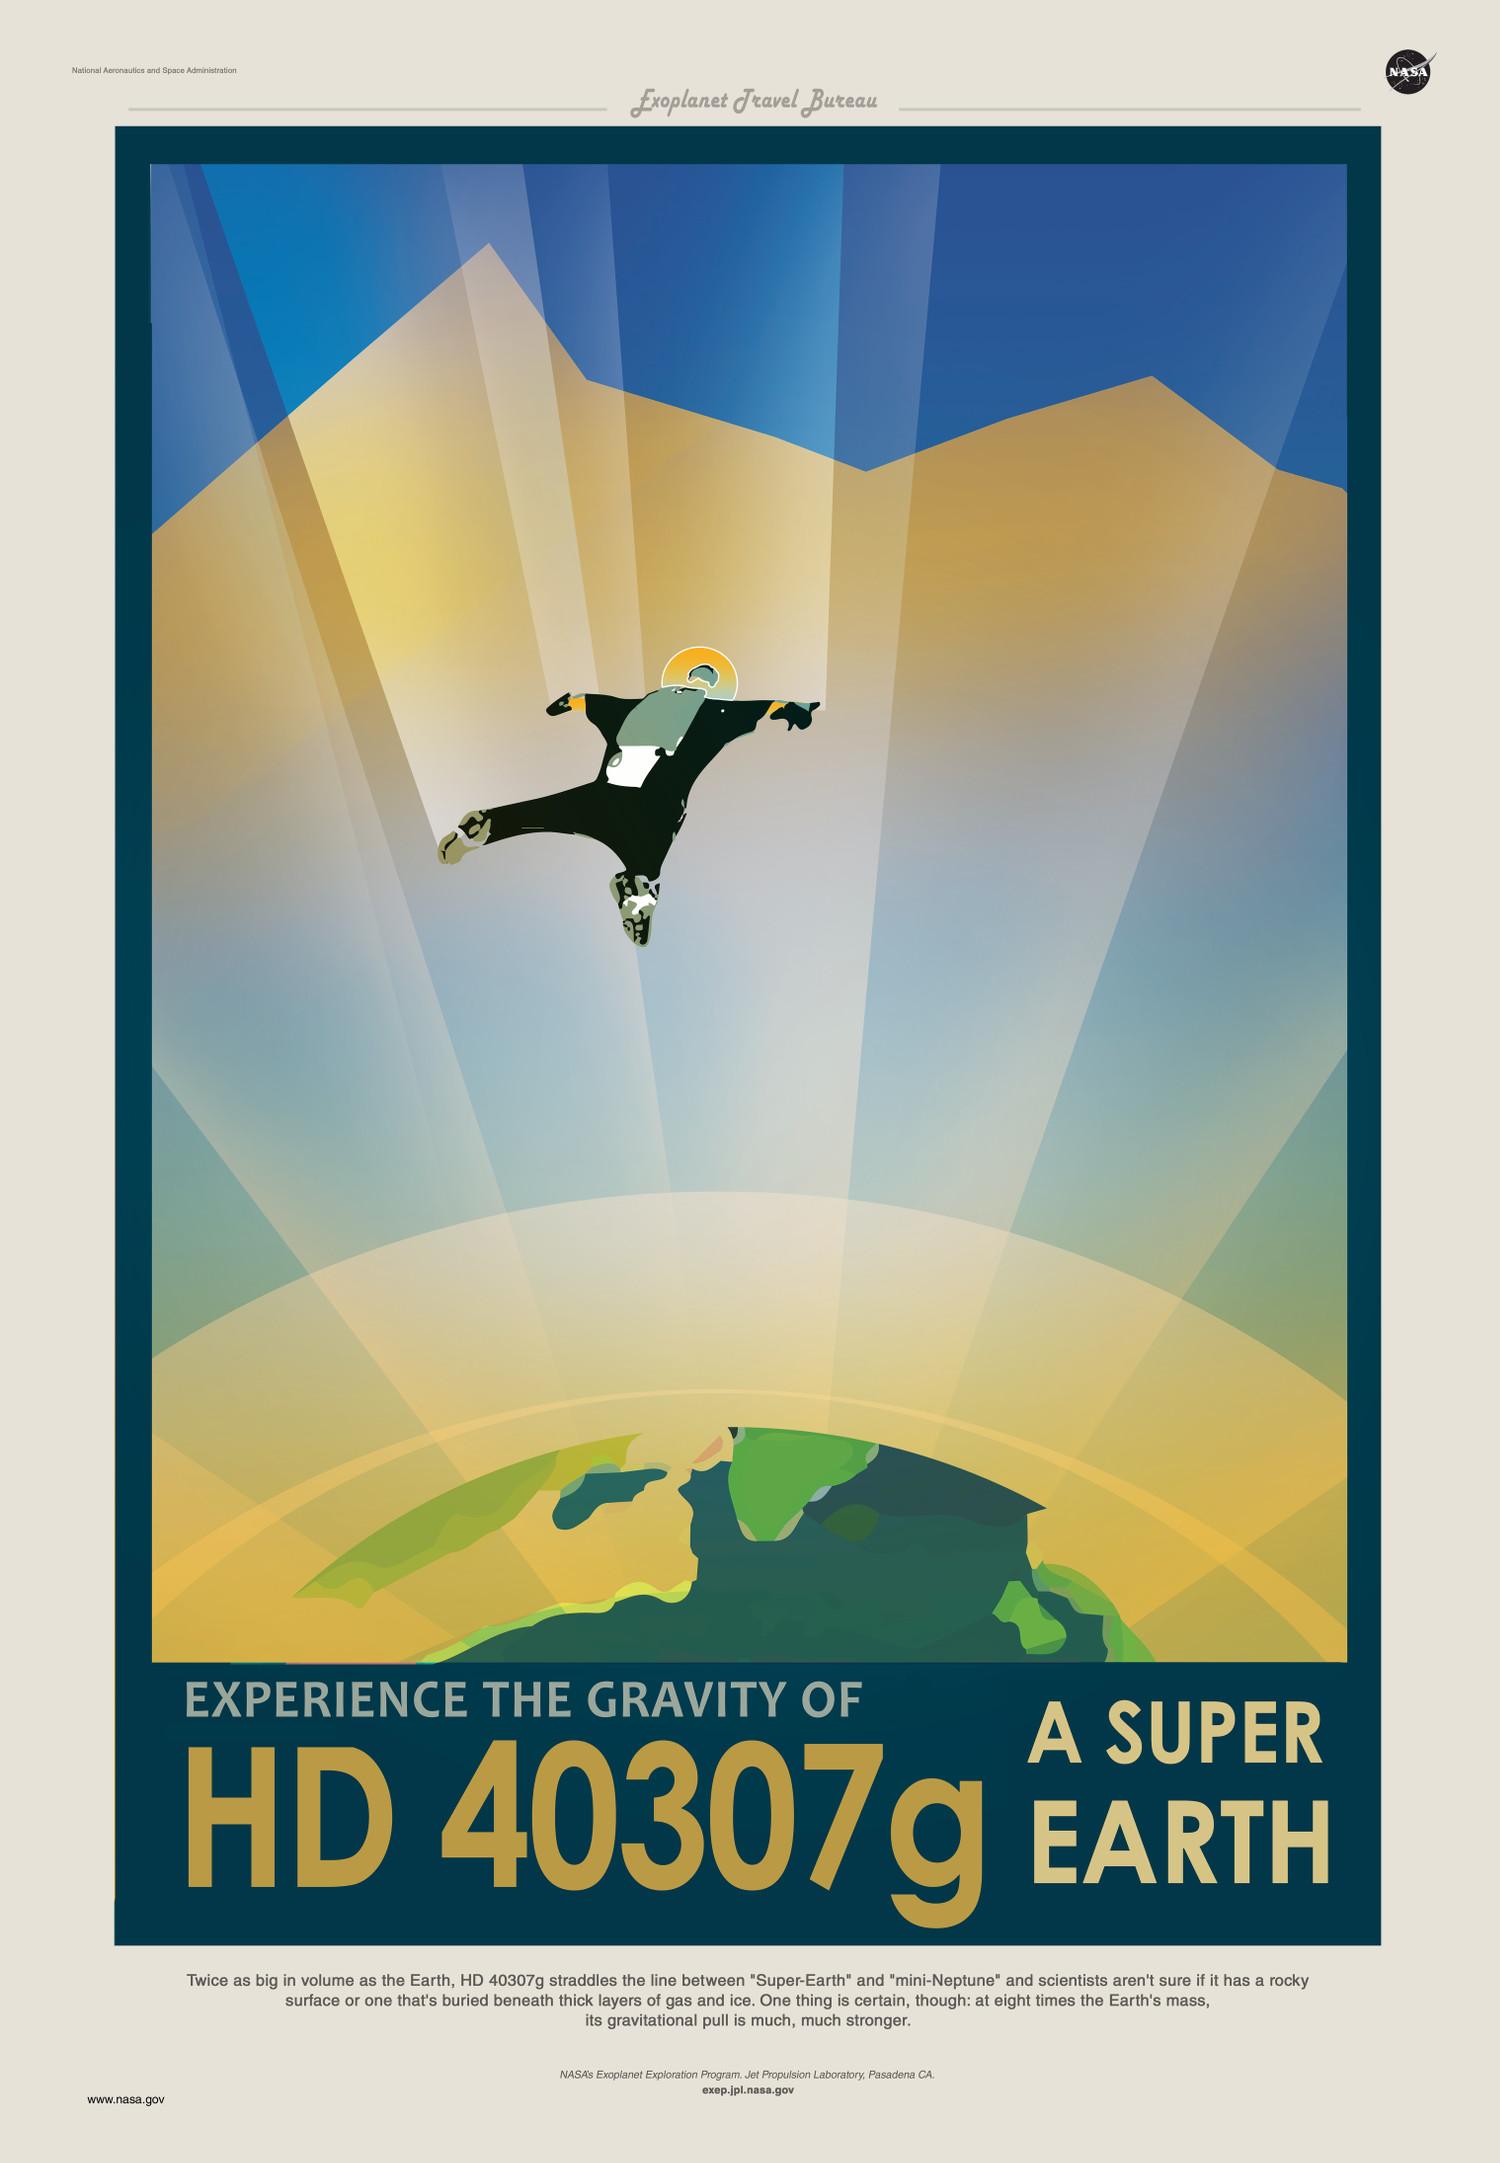 HD_40307g